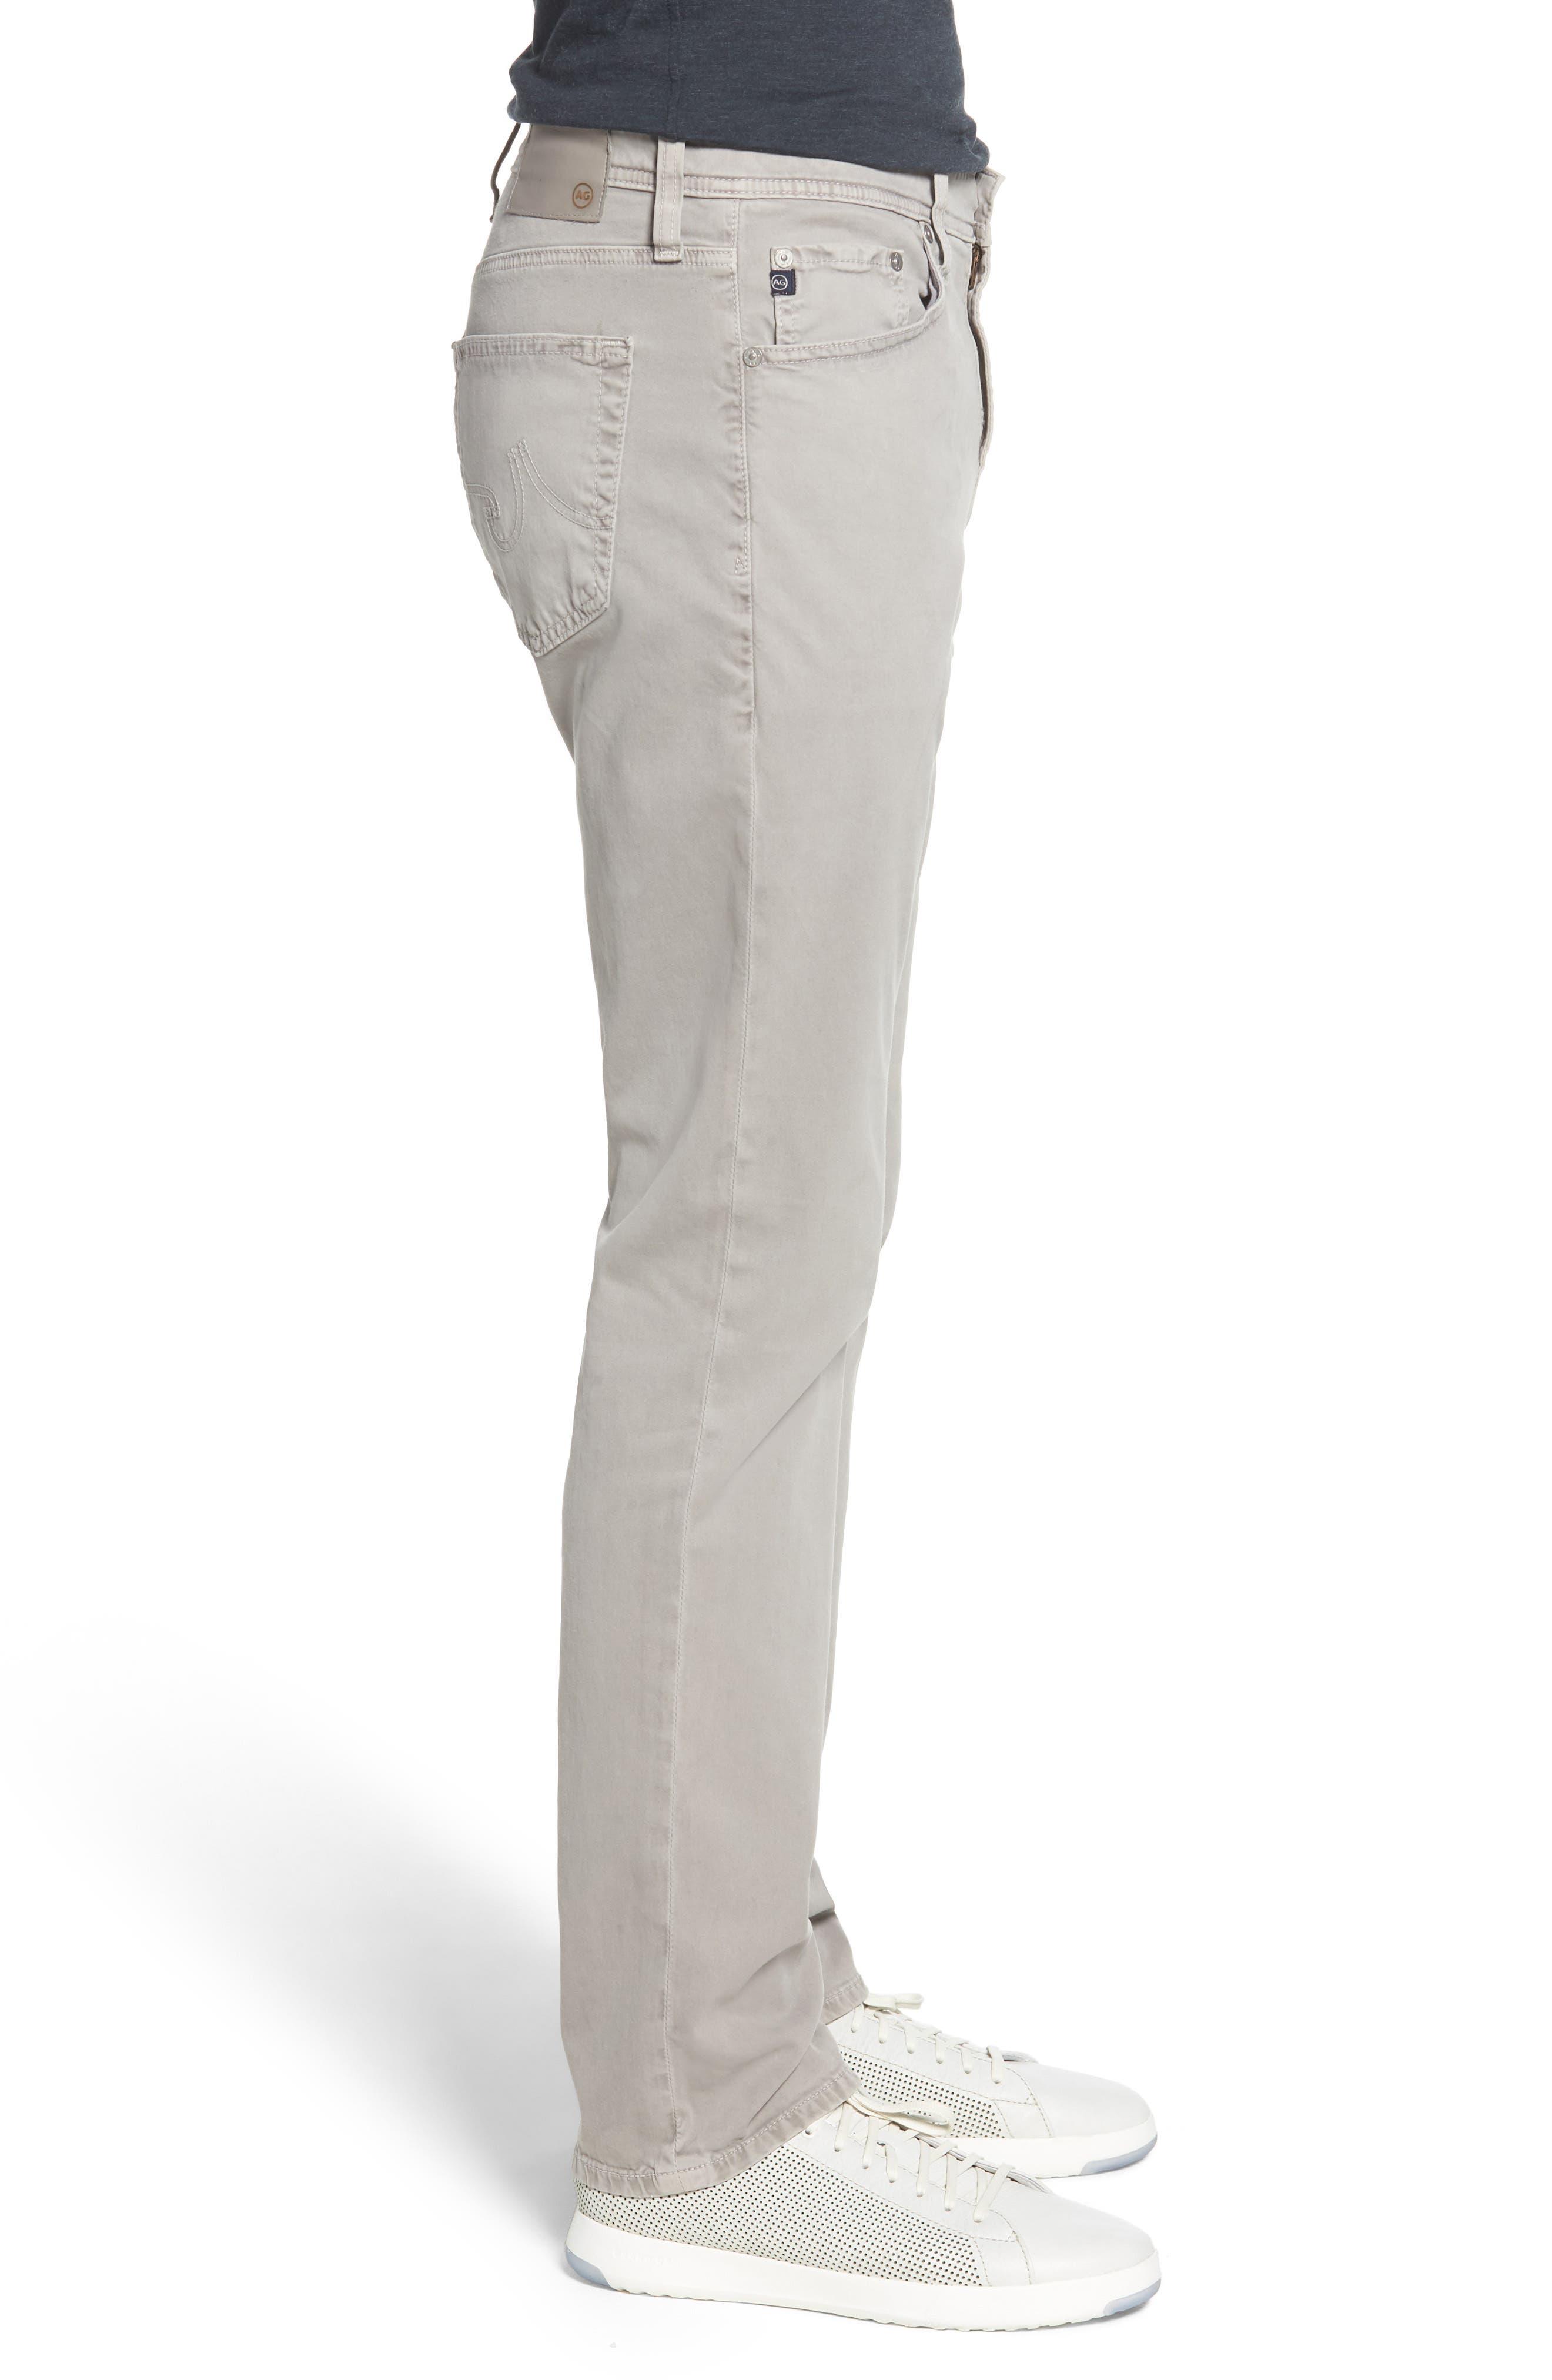 Everett SUD Slim Straight Fit Pants,                             Alternate thumbnail 3, color,                             SULFUR PLATINUM